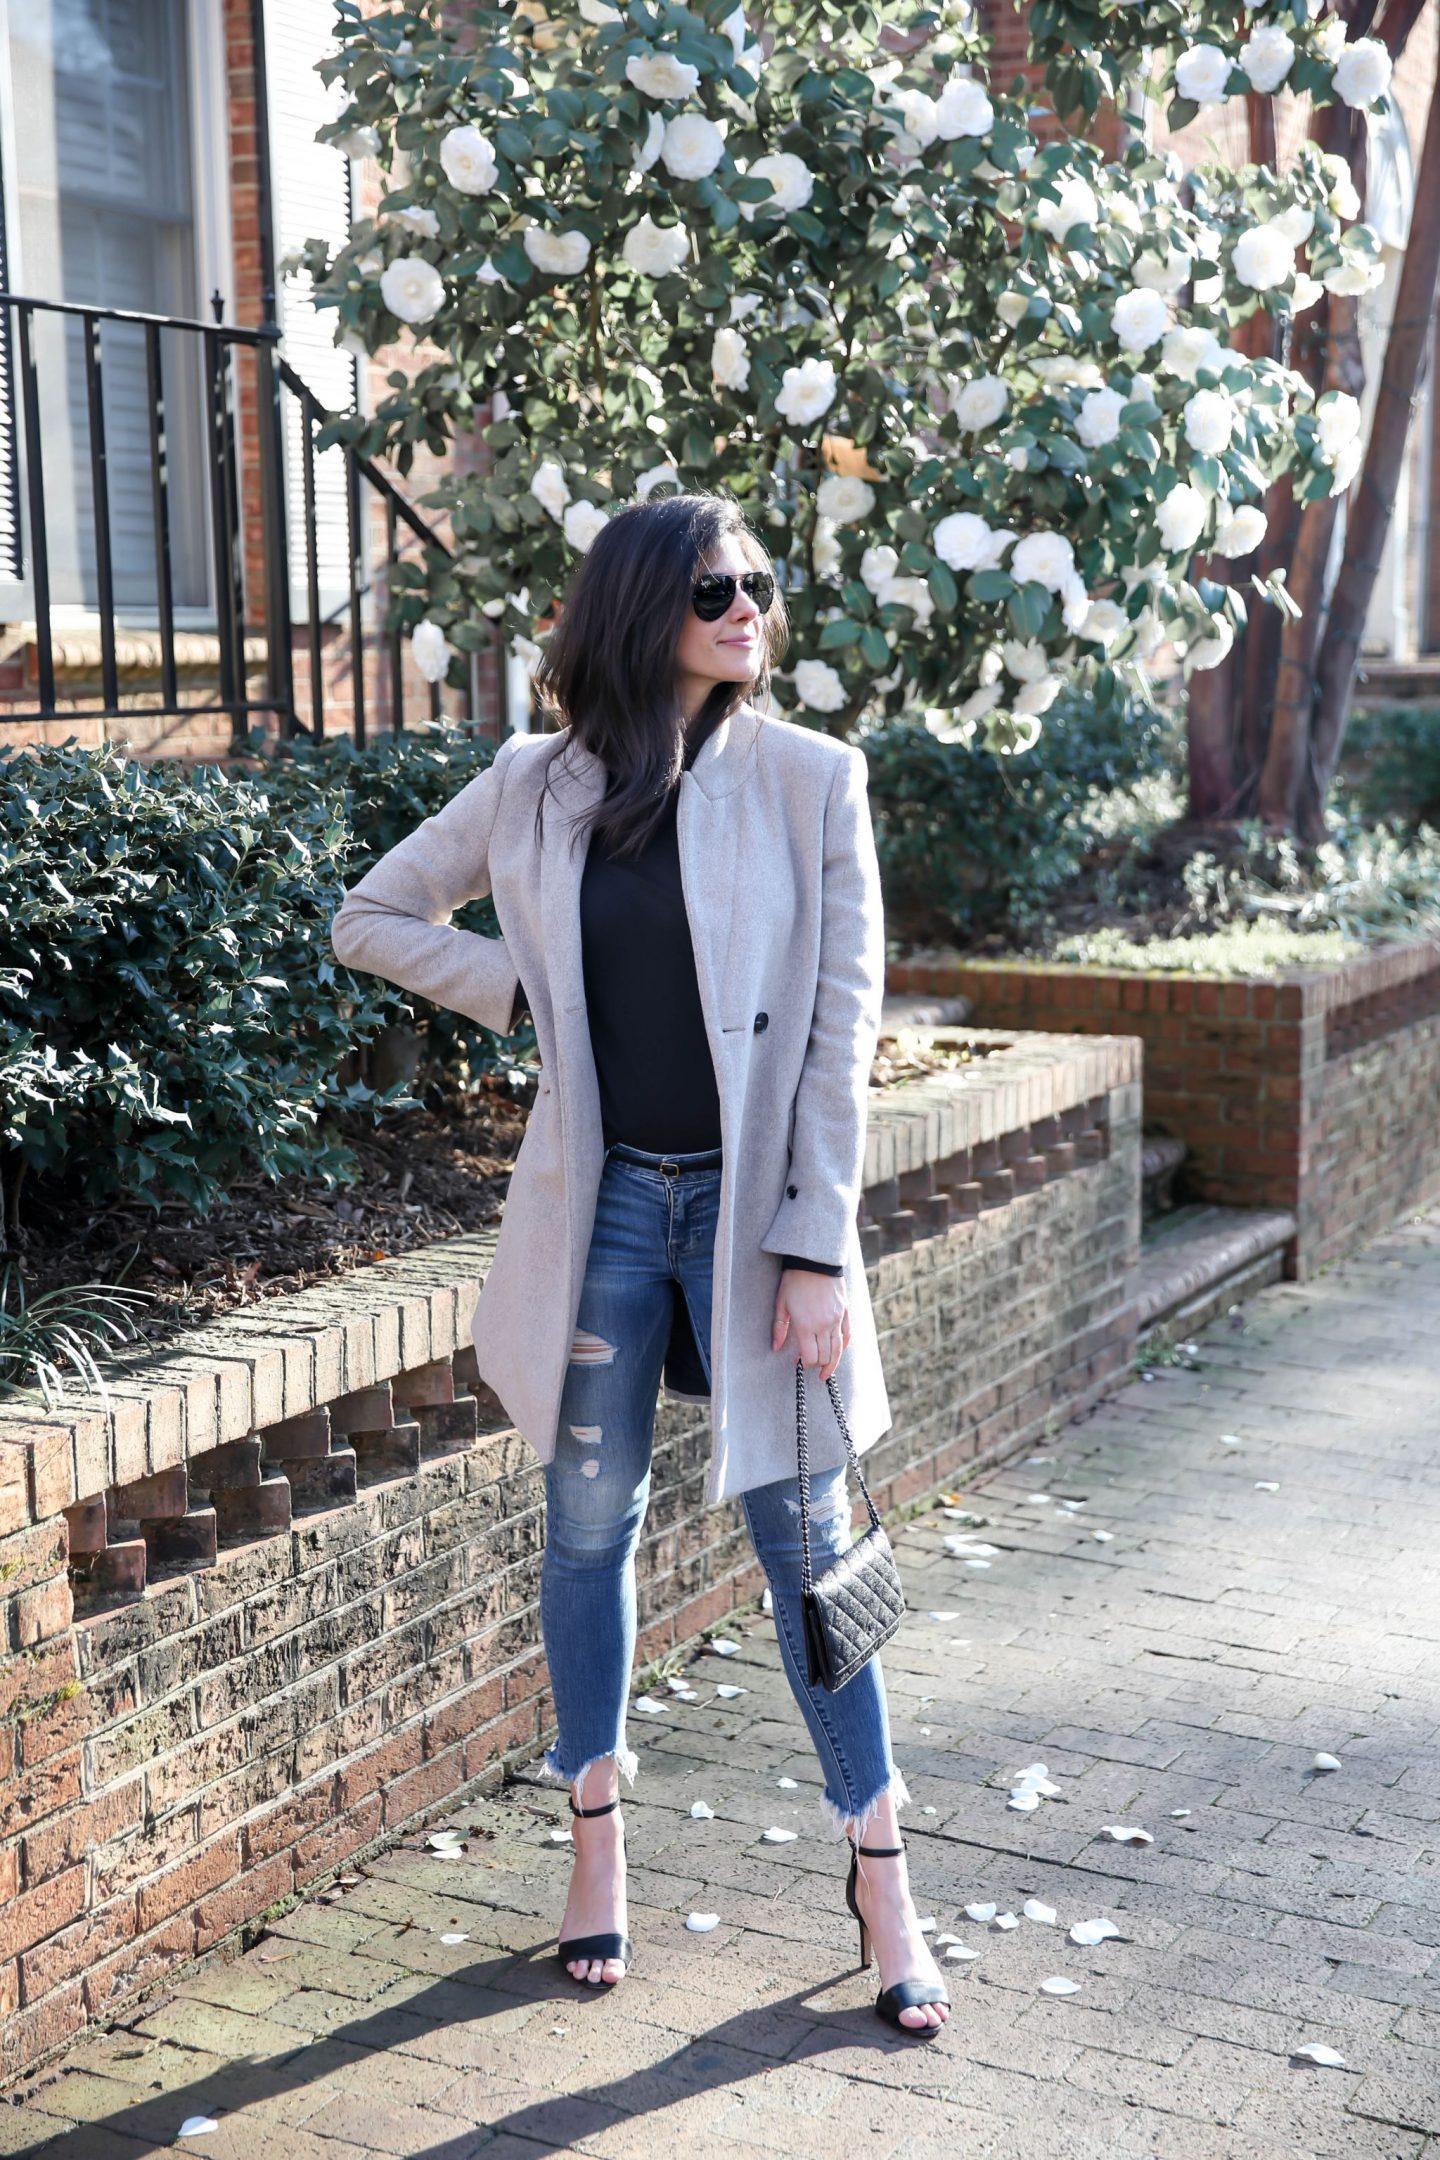 classic winter coat - Lauren Schwaiger - style blogger